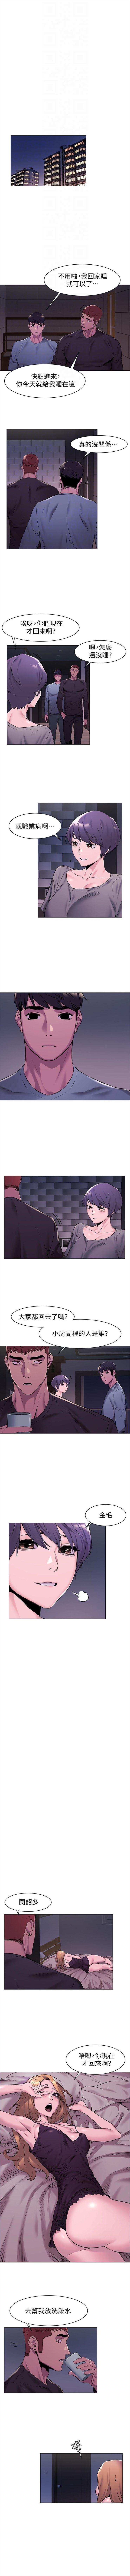 (週5)衝突 1-91 中文翻譯 (更新中) 361